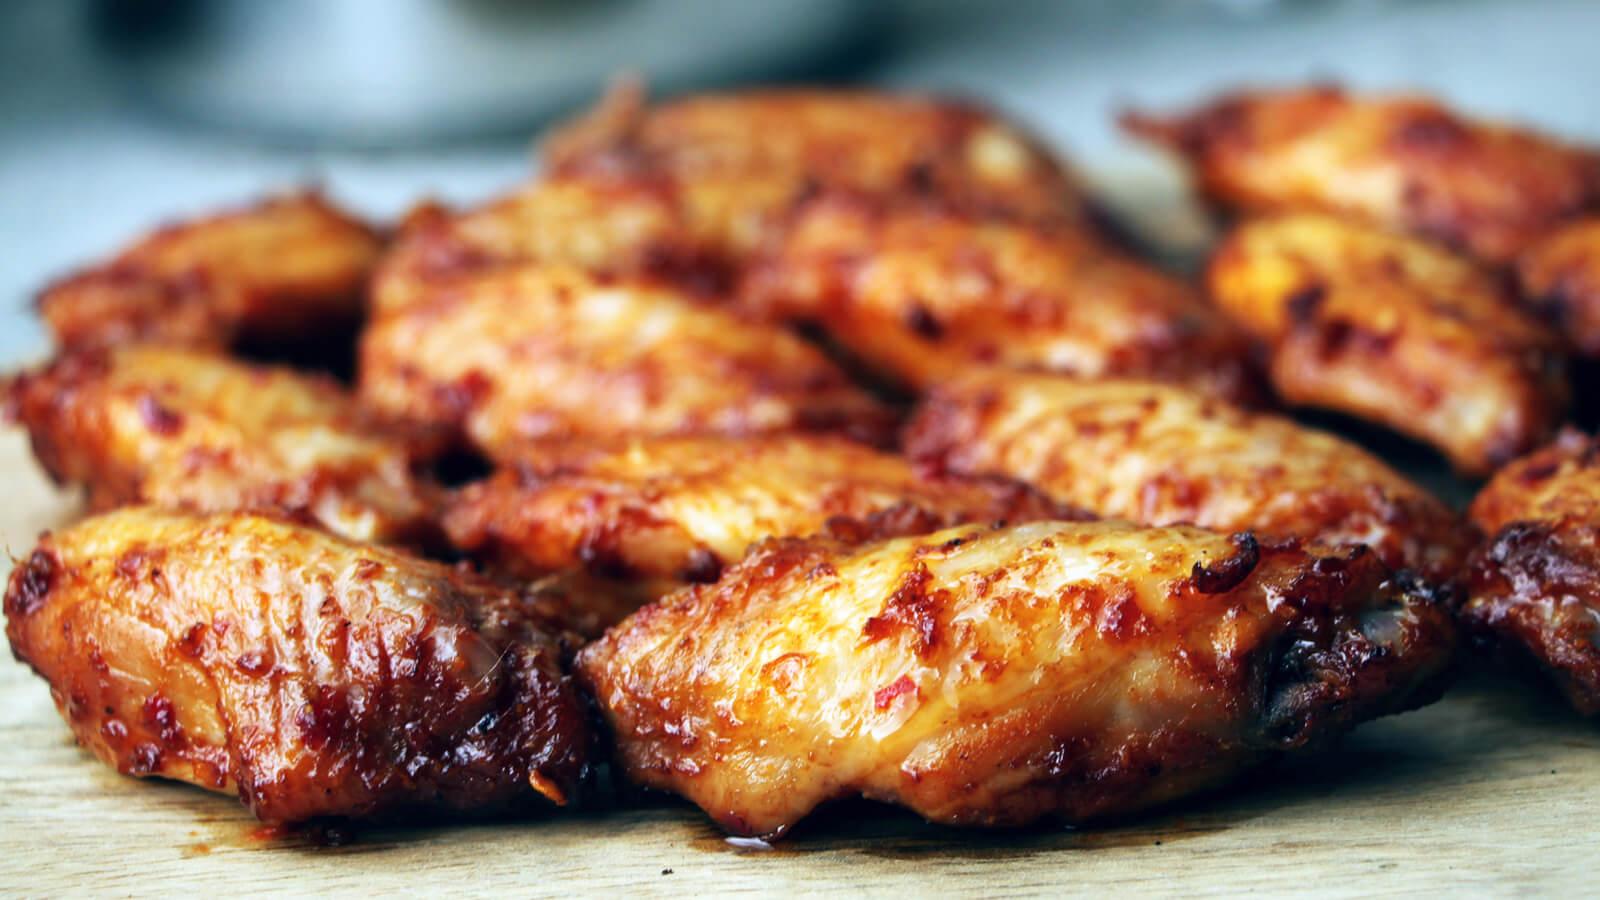 Chicken wings van de BBQ. Kan het nog beter?